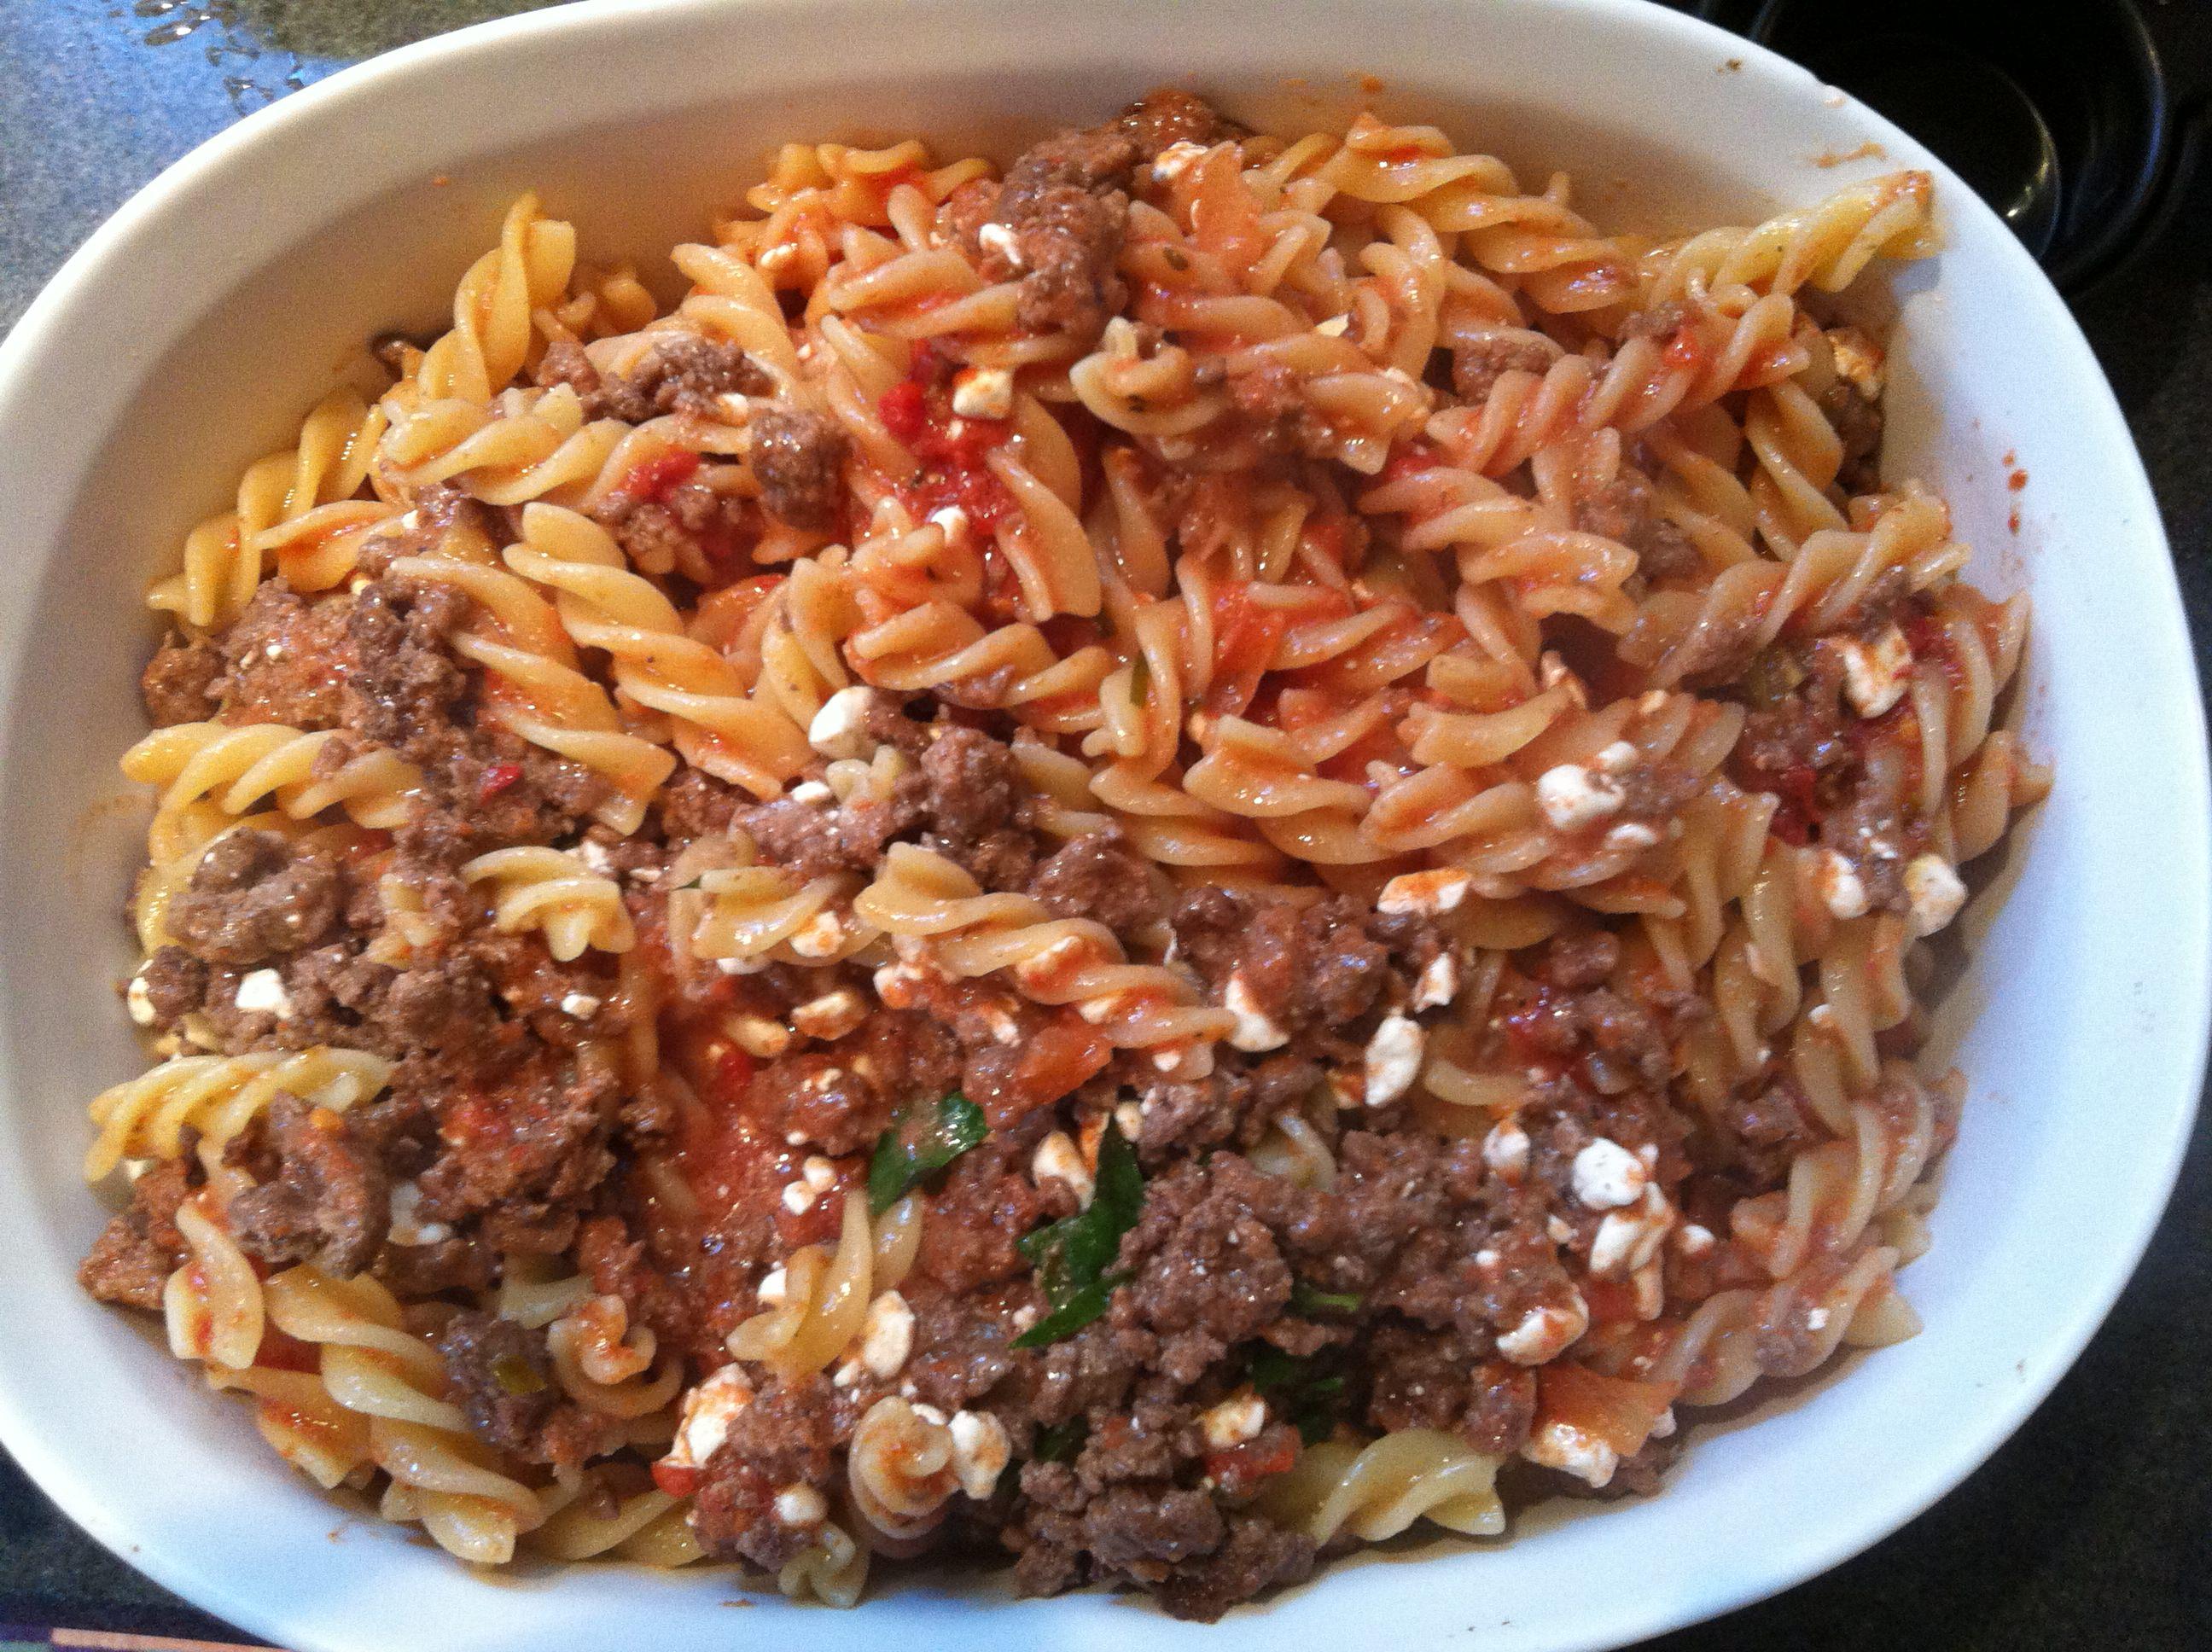 Easy Italian Pasta Bake - yum!